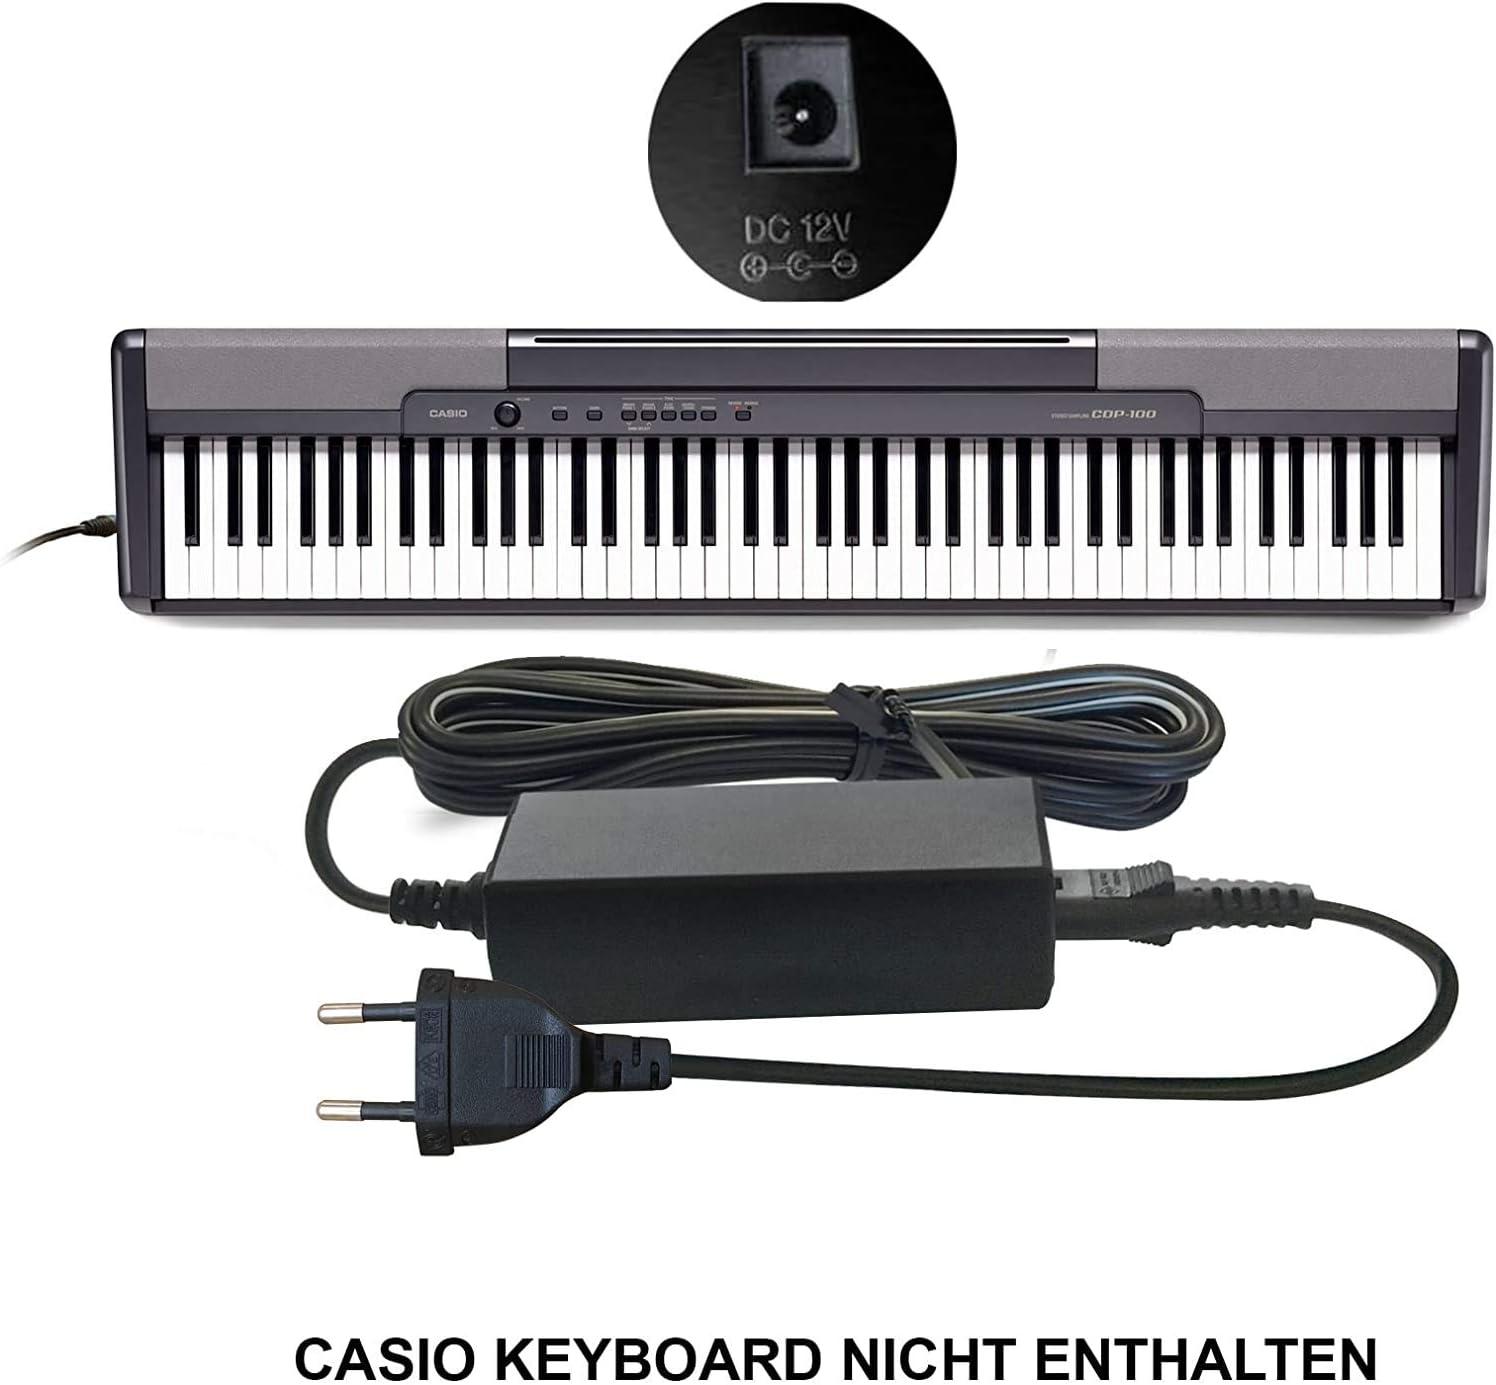 Casio AD-12M3, AD-12MLA(U), AD-12MLA, AD-12M, AD-12UL, AD-12, AD-12FL, FC2, TJ2) para teclados Casio